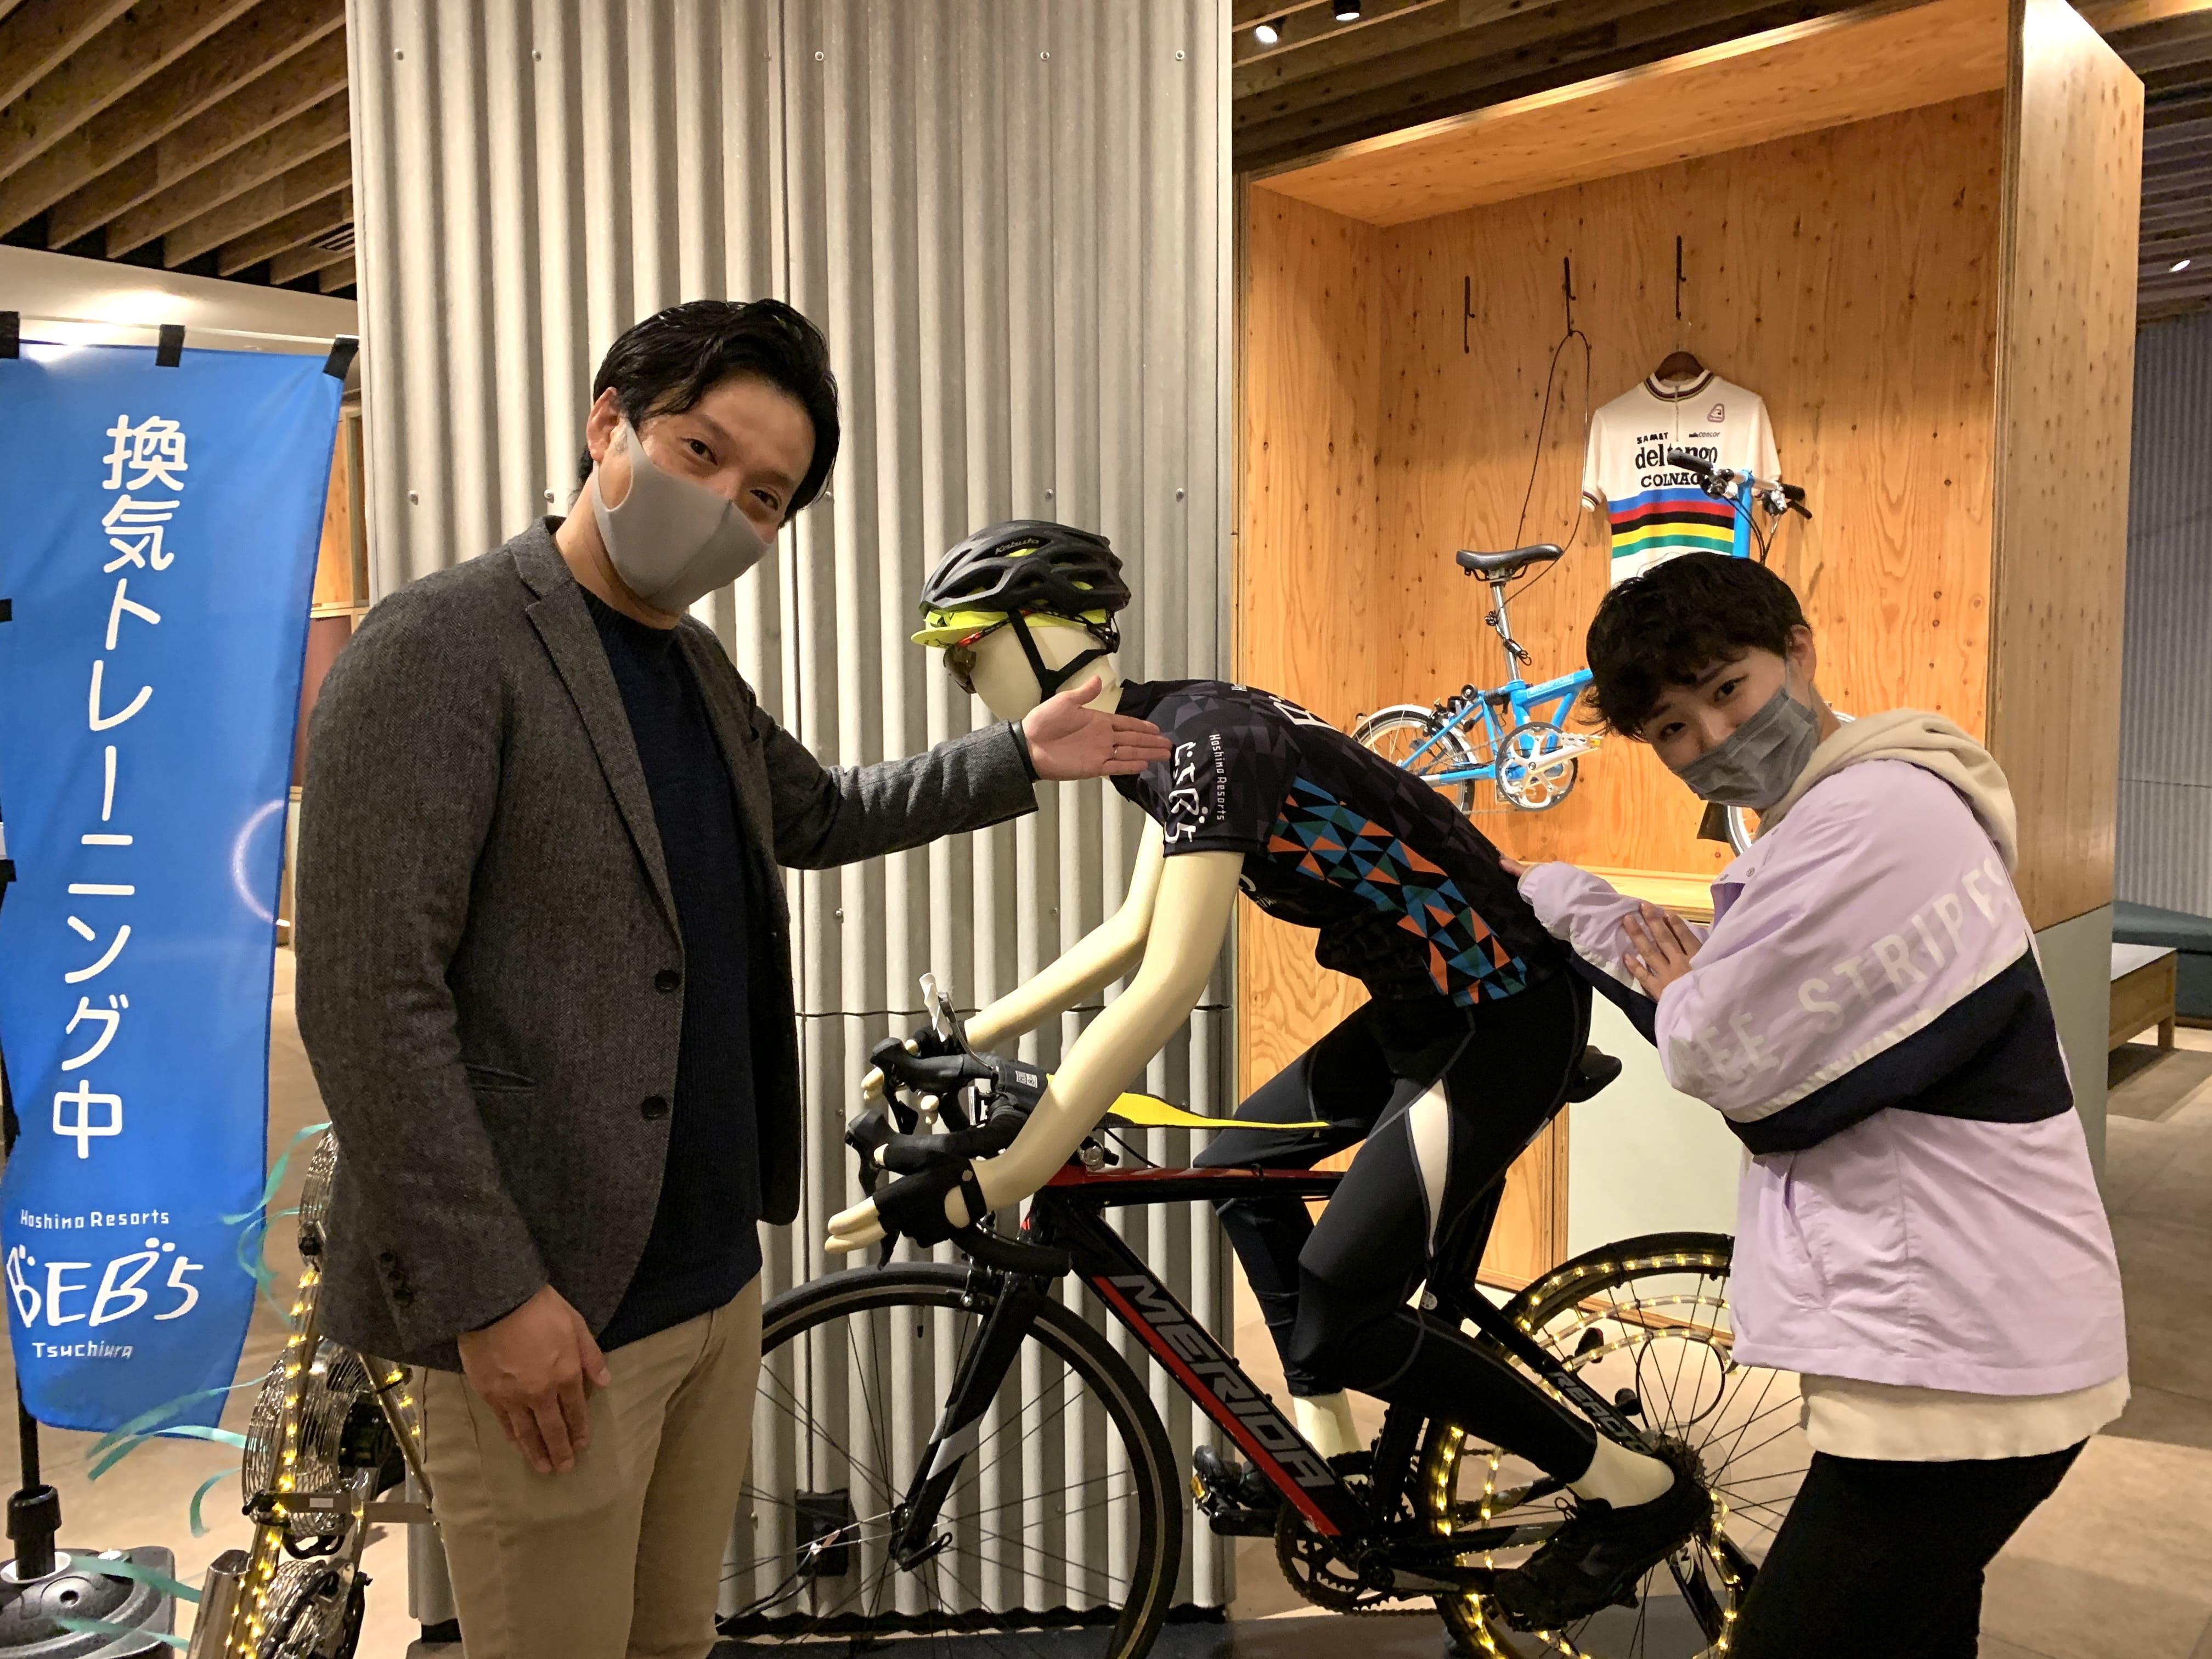 自転車が大好きと言うBEB5土浦の大庭総支配人とスタッフの齋藤桃乃さん